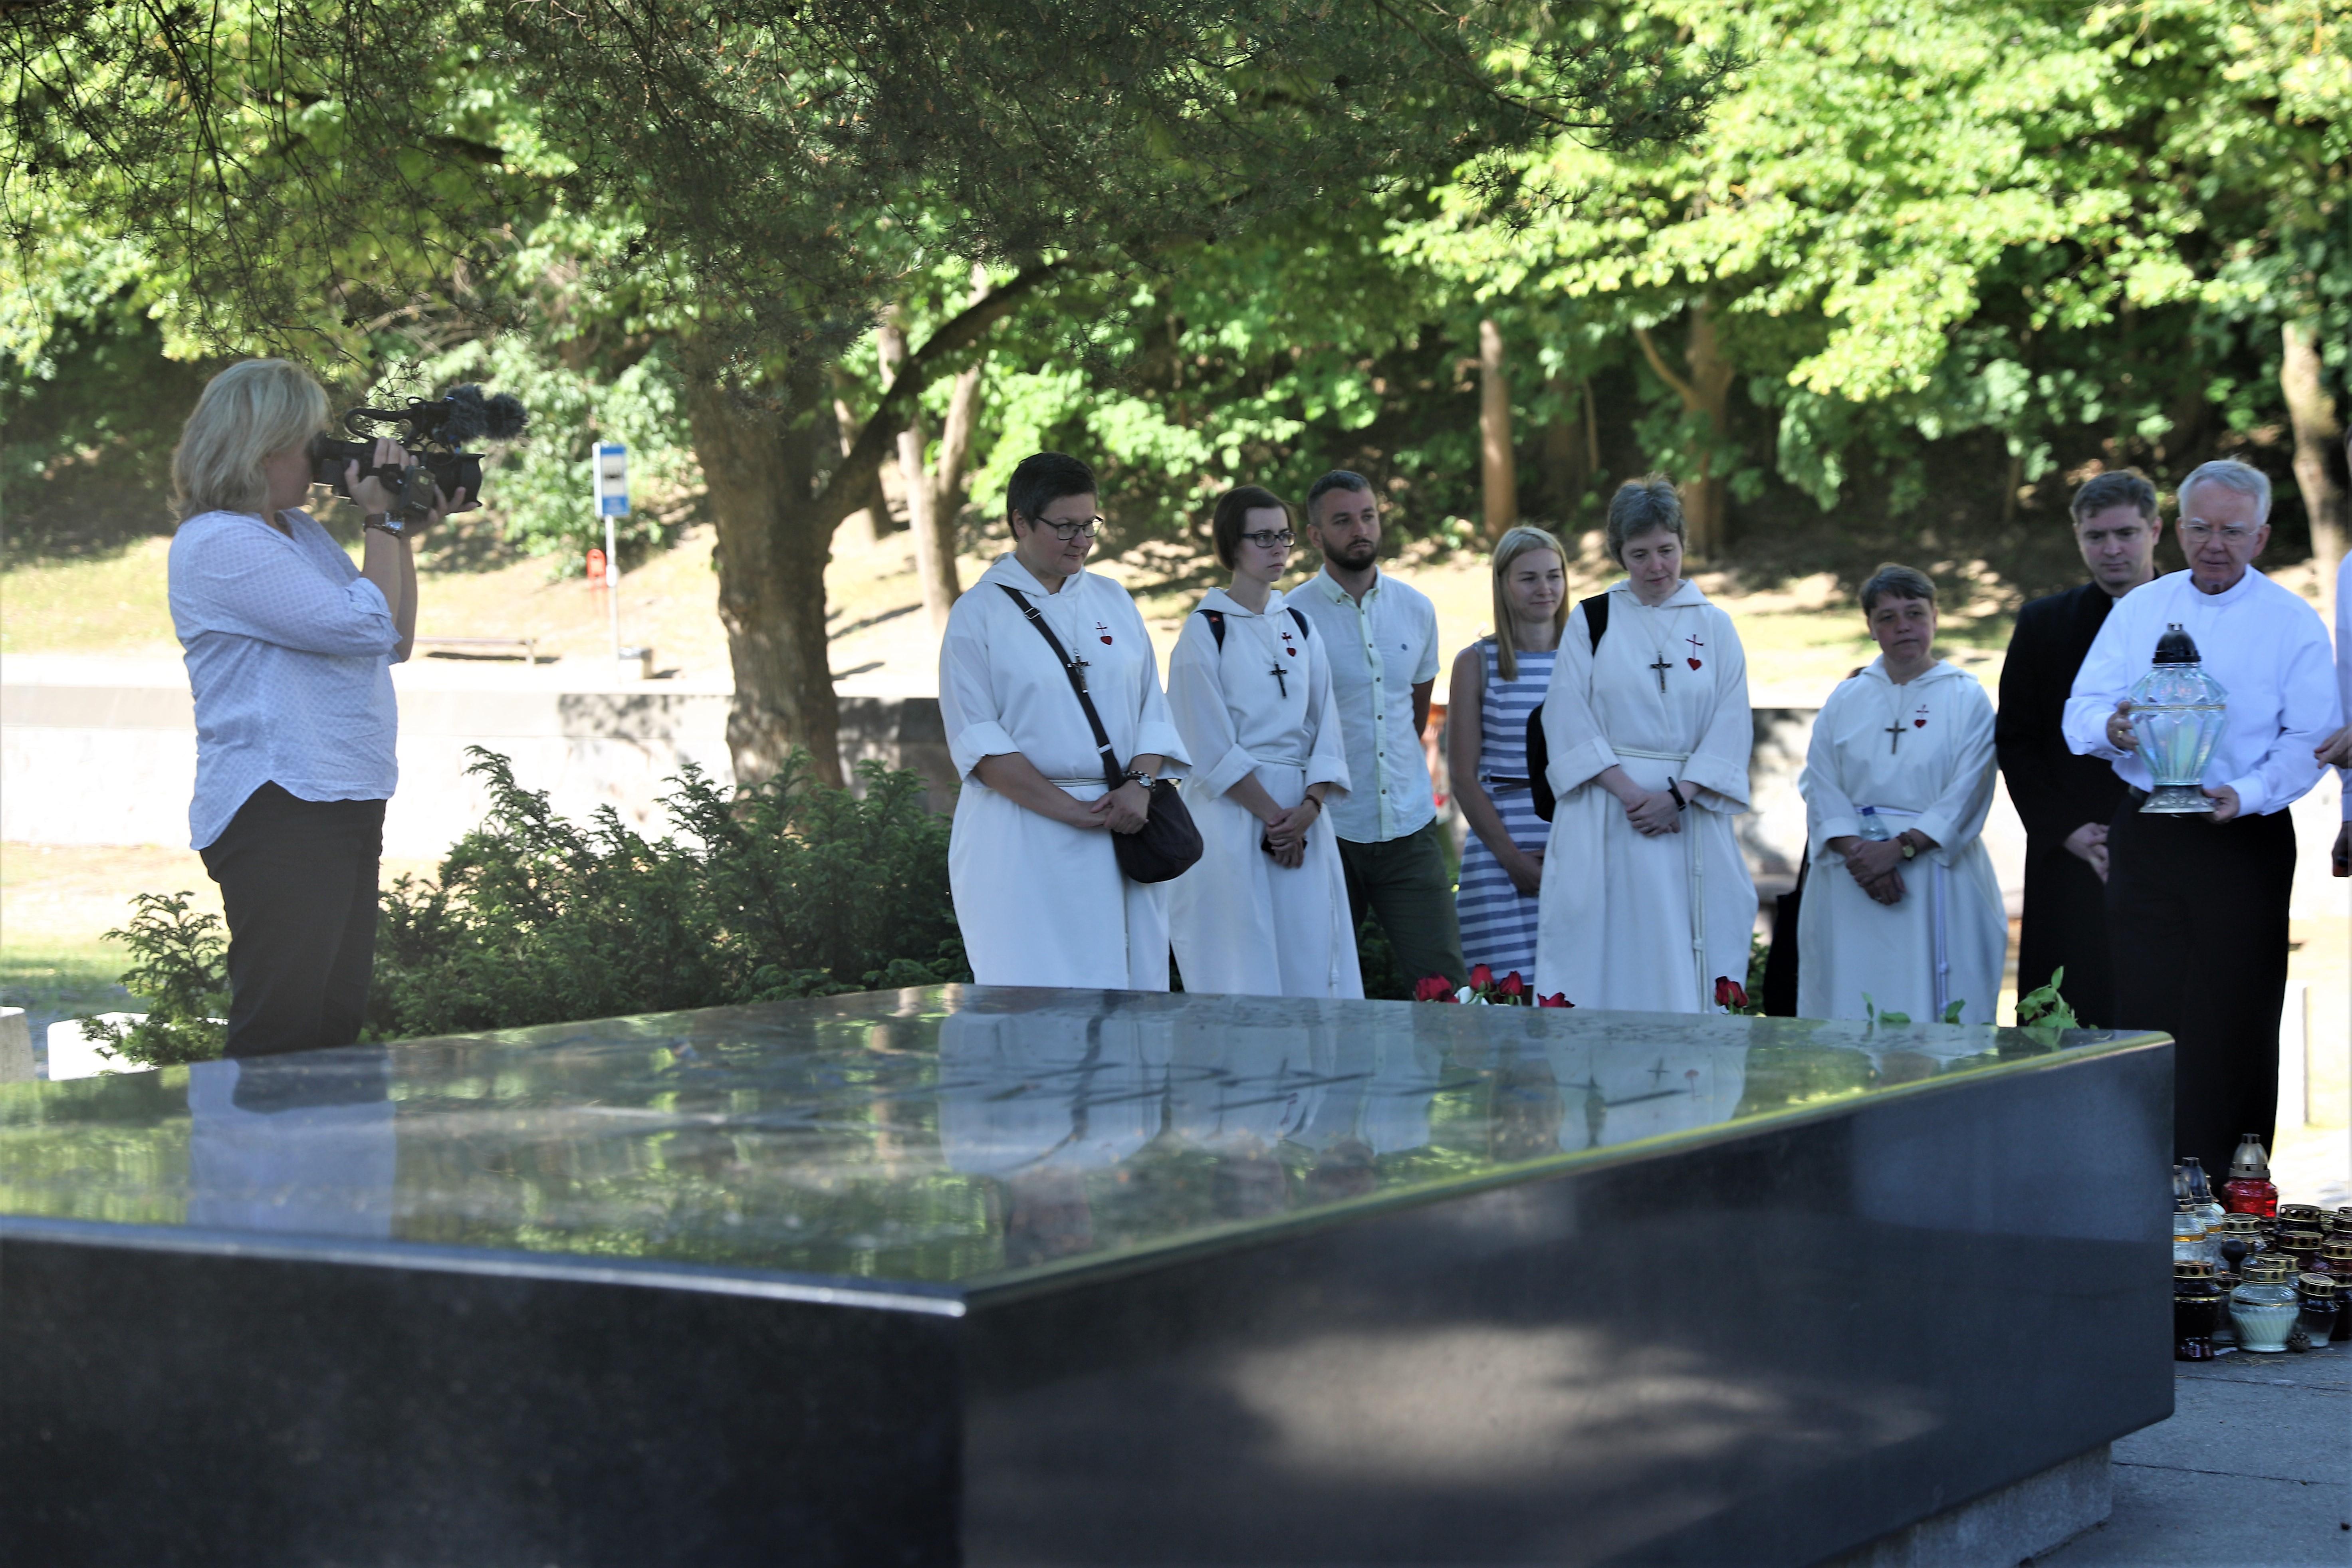 Śladami Bł. Michała Giedroycia – Zwiedzanie Wilna przez delegację z Krakowa